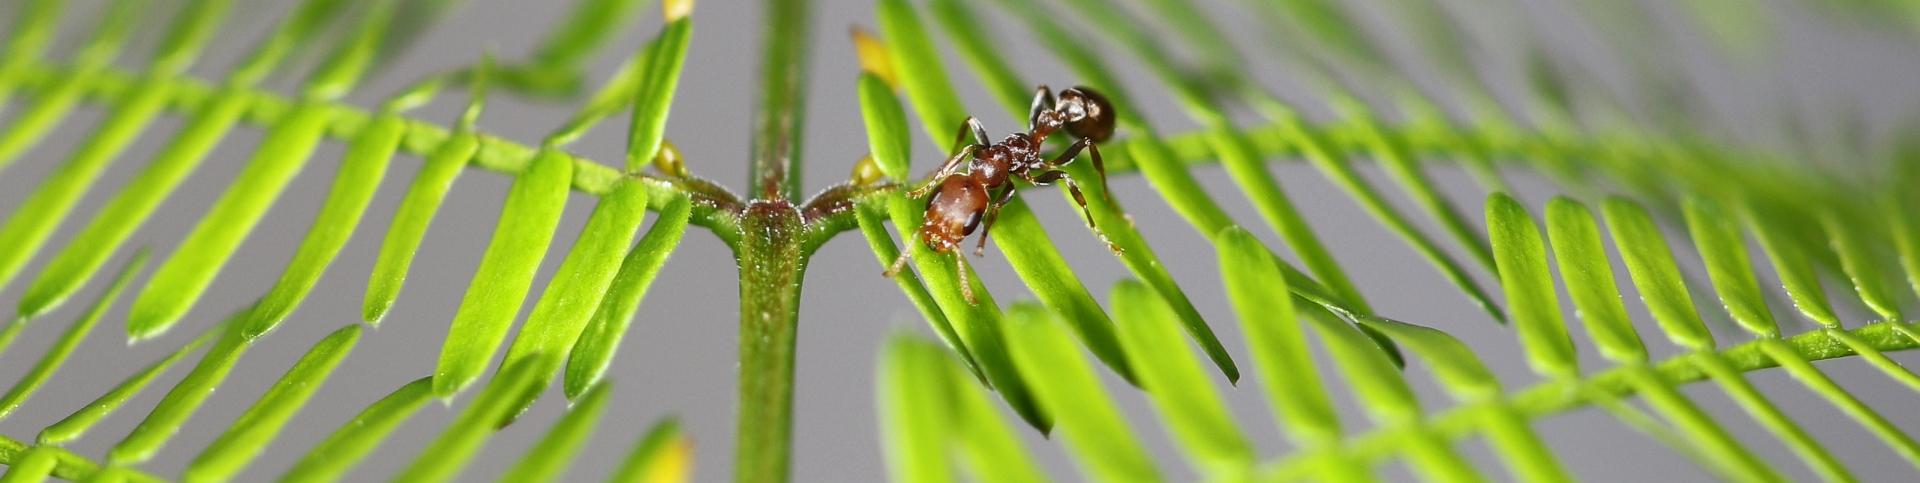 Pseudomyrmex ferrugineus 06 Arbeiterin 06